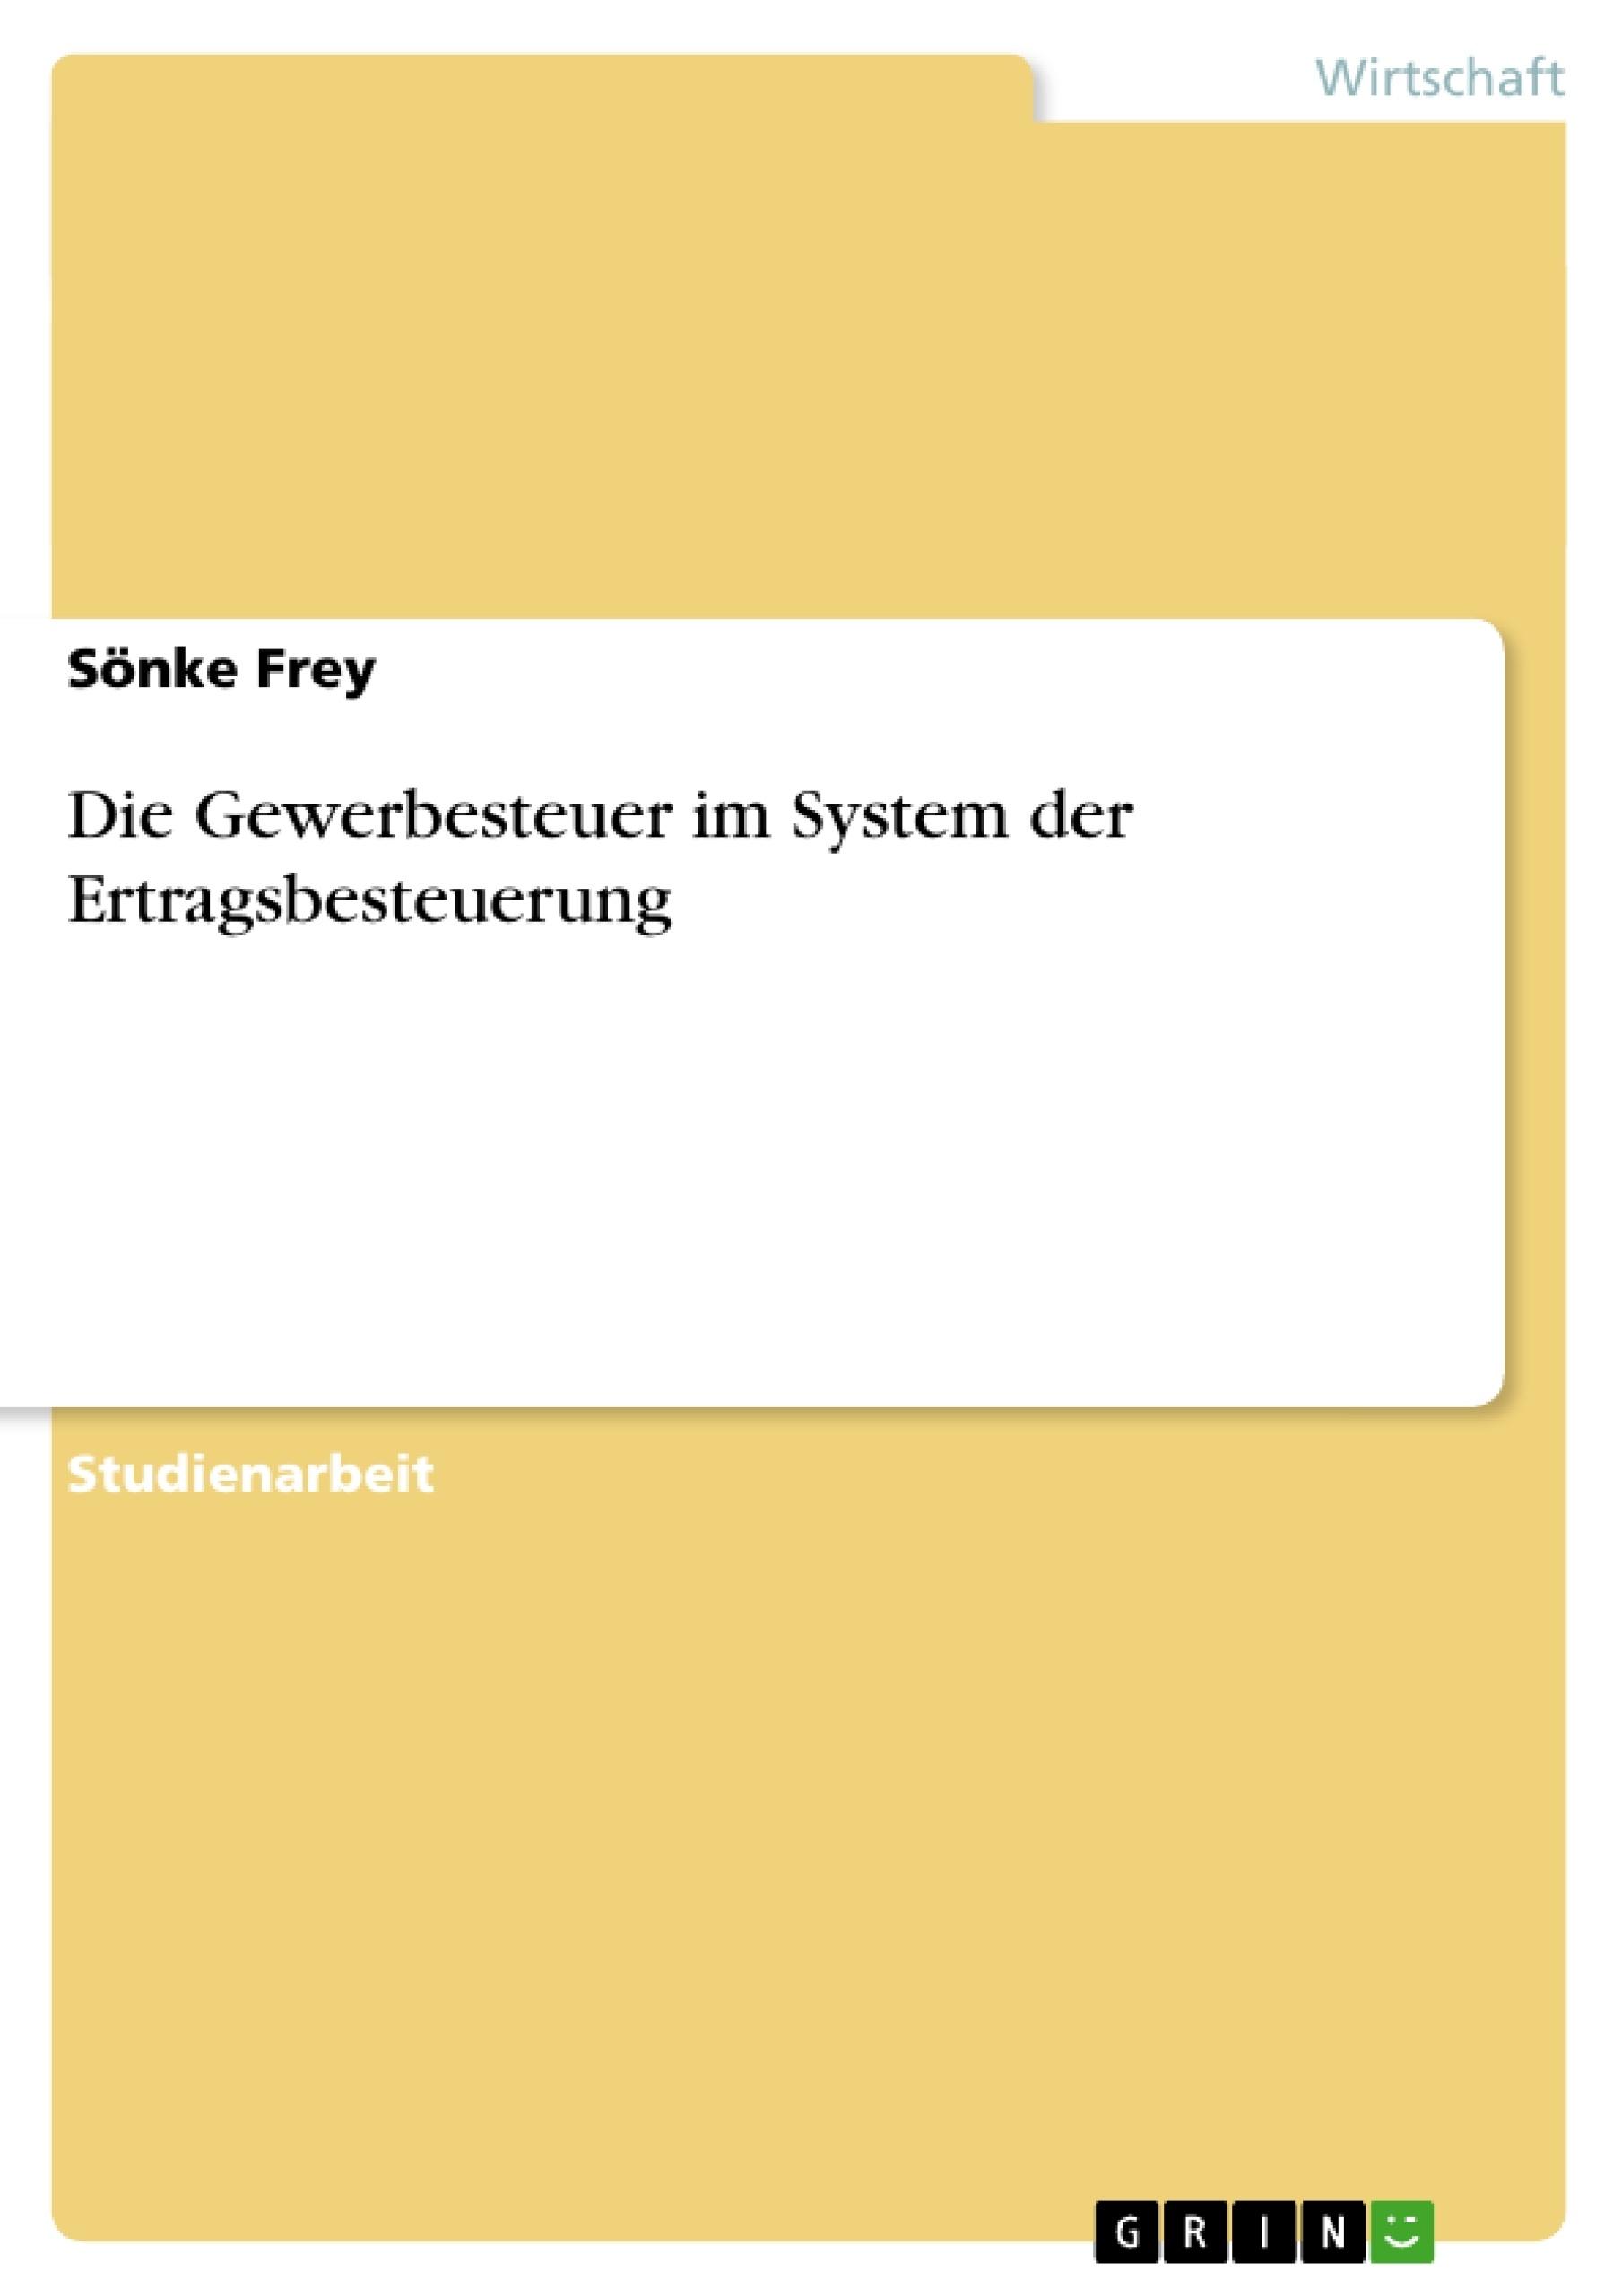 Titel: Die Gewerbesteuer im System der Ertragsbesteuerung